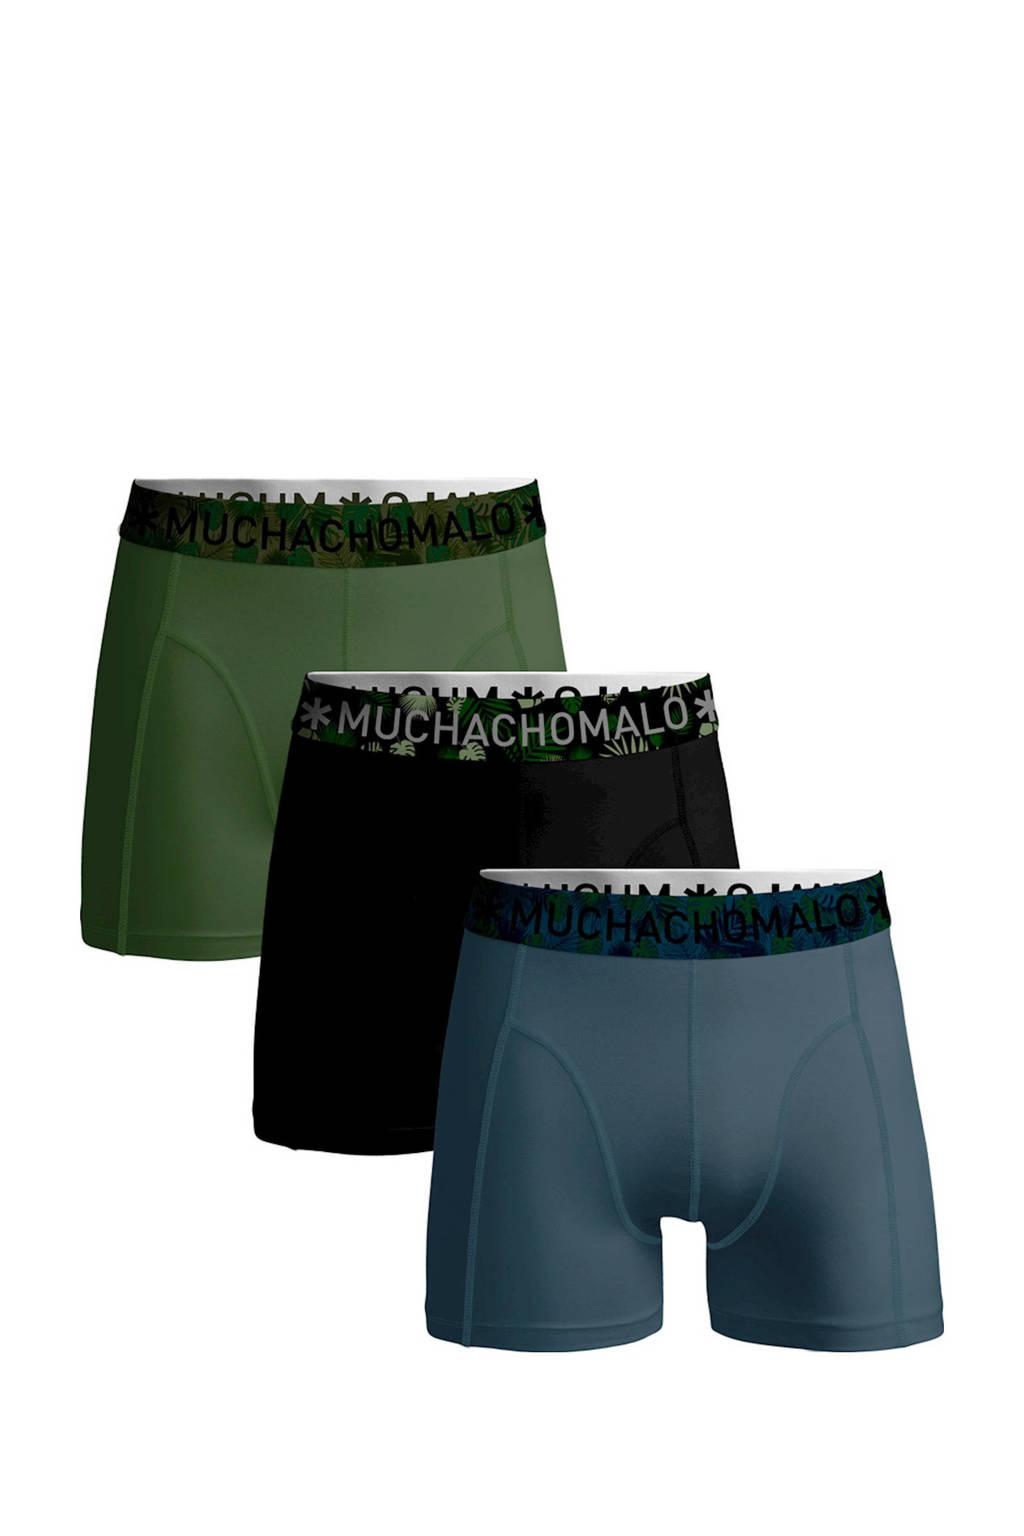 Muchachomalo Junior  boxershort Solid - set van 3 blauw/zwart/armygroen, Blauw/zwart/army groen